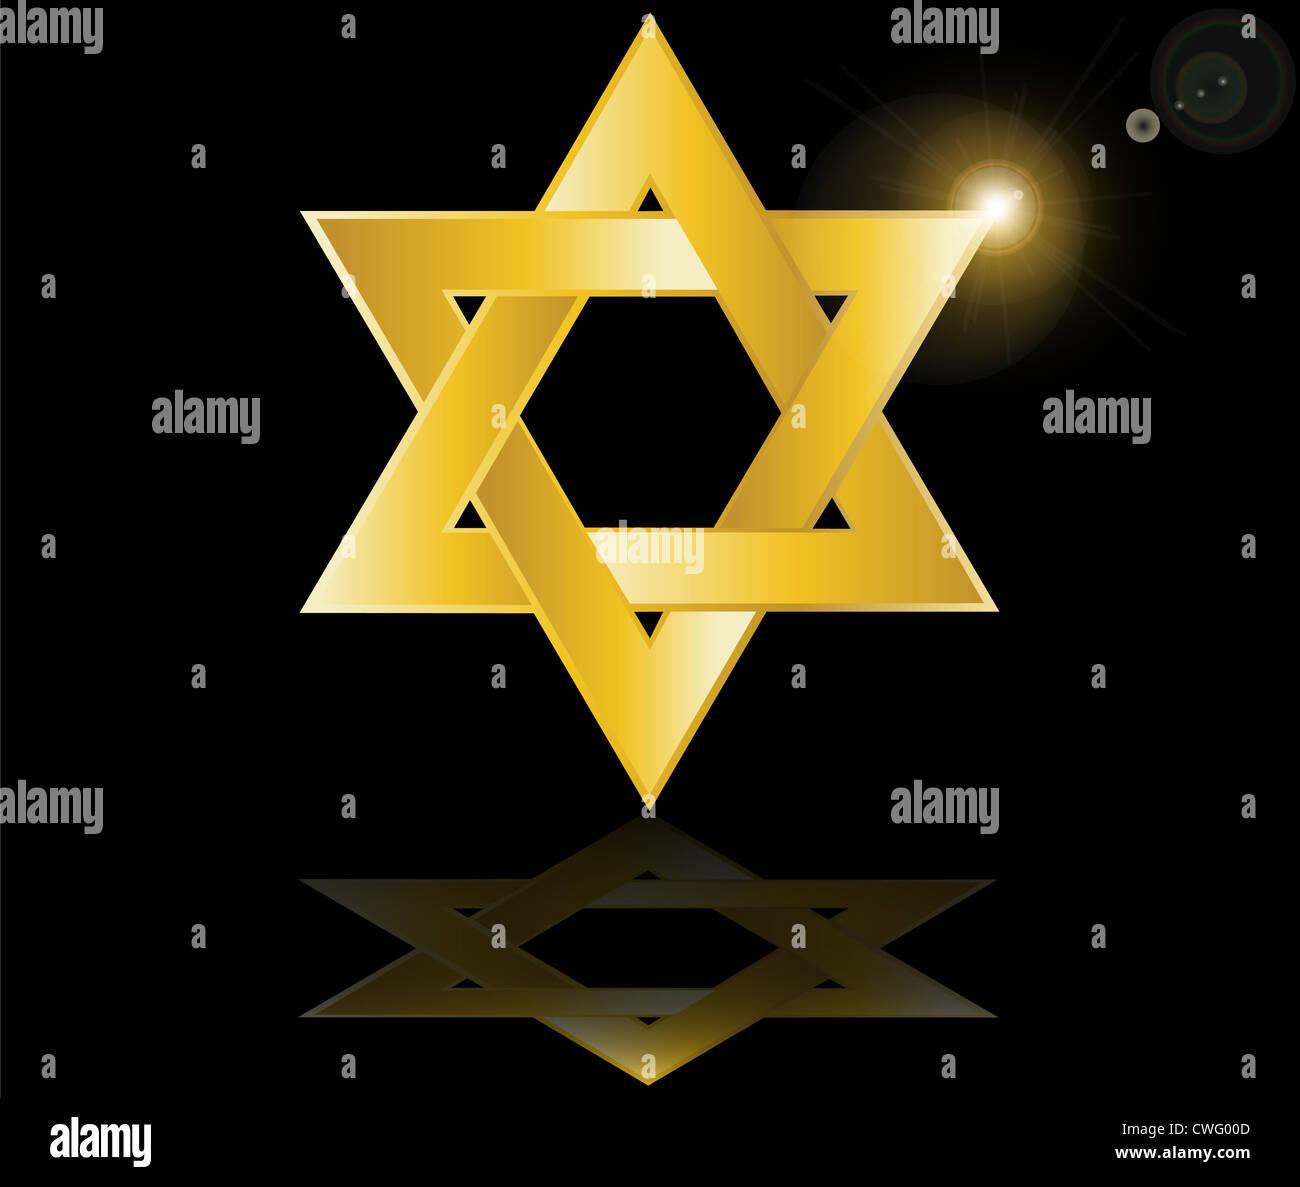 hebrew Jewish Star of magen david vector illustration - Stock Image